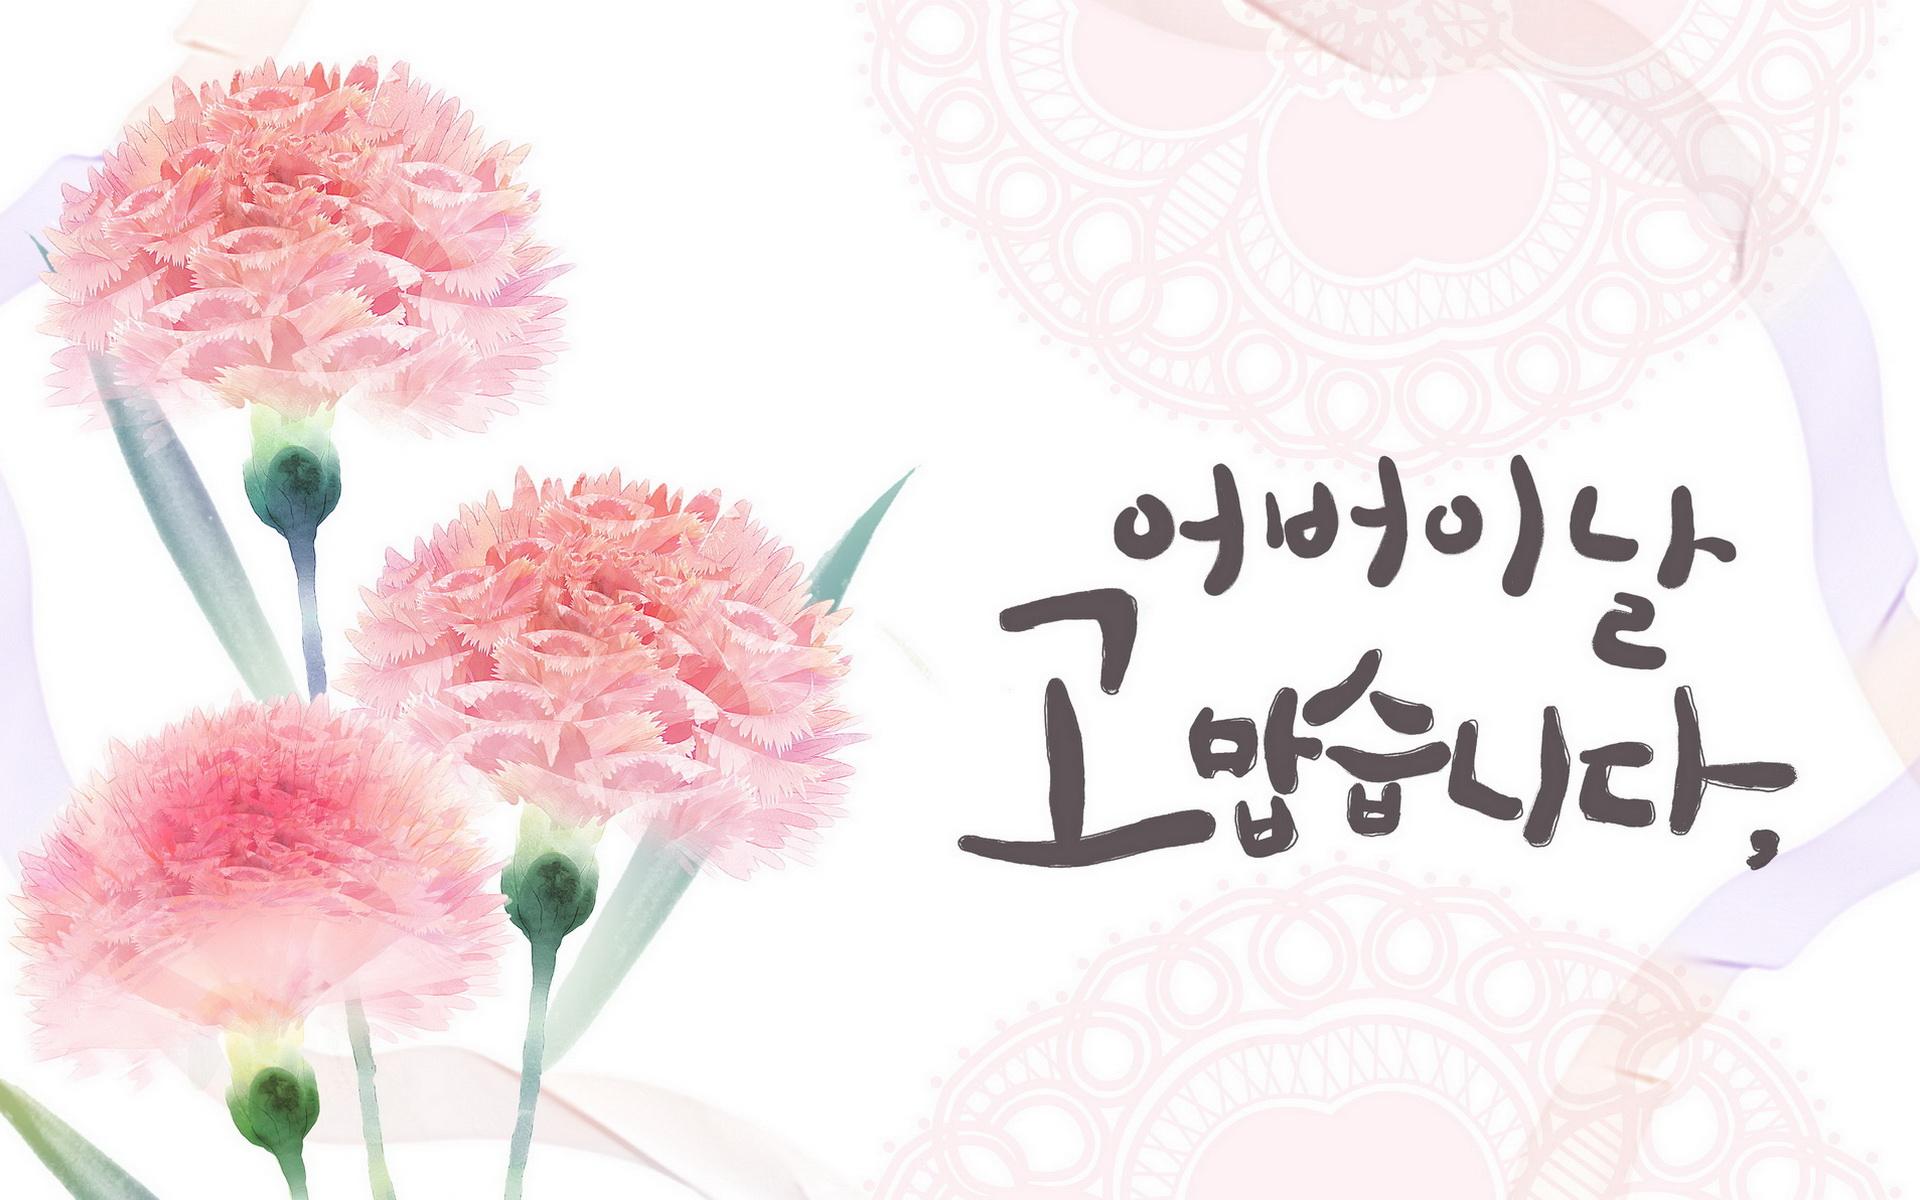 手绘花朵(31张)